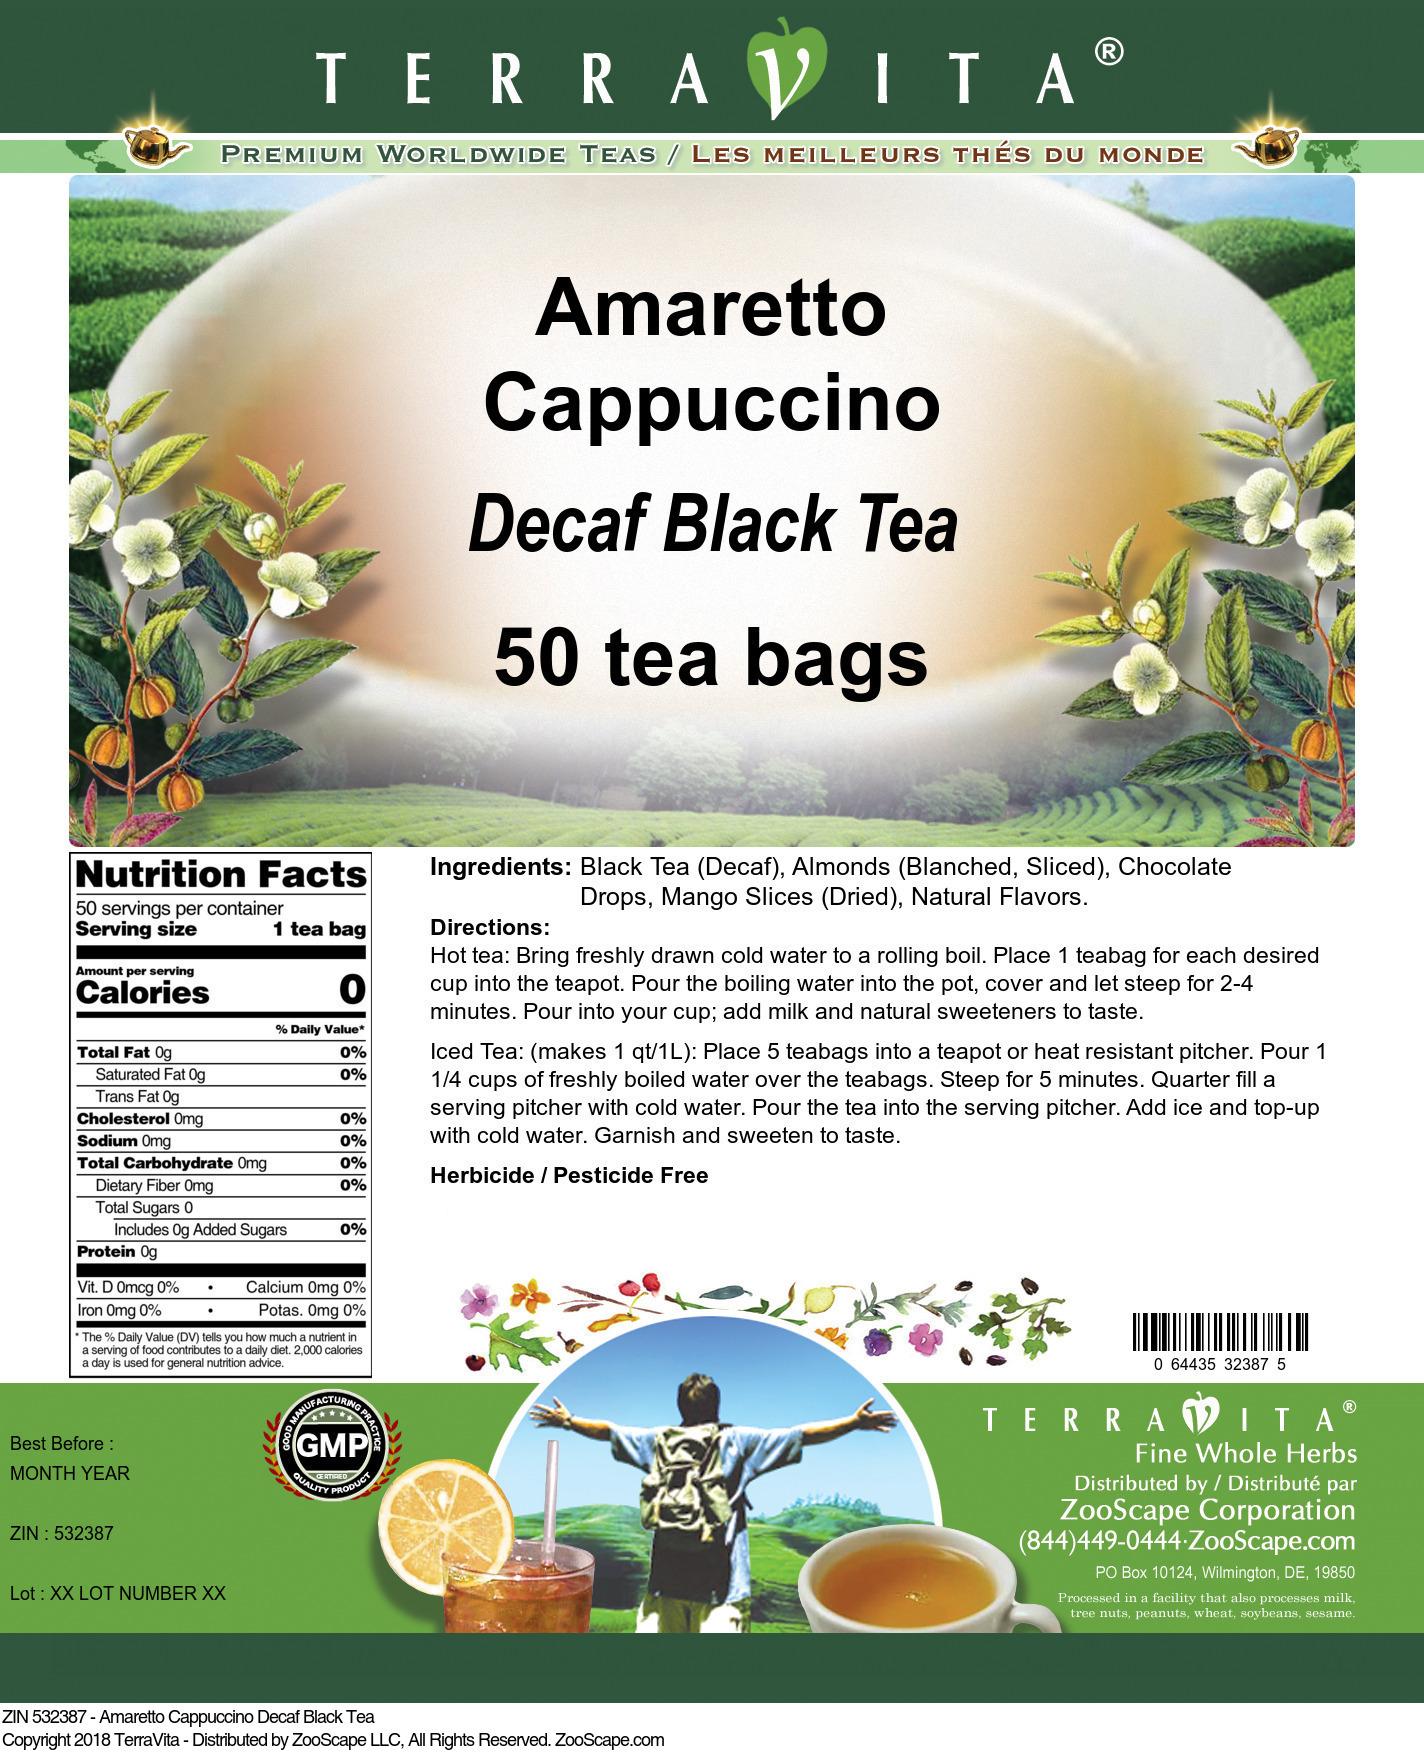 Amaretto Cappuccino Decaf Black Tea